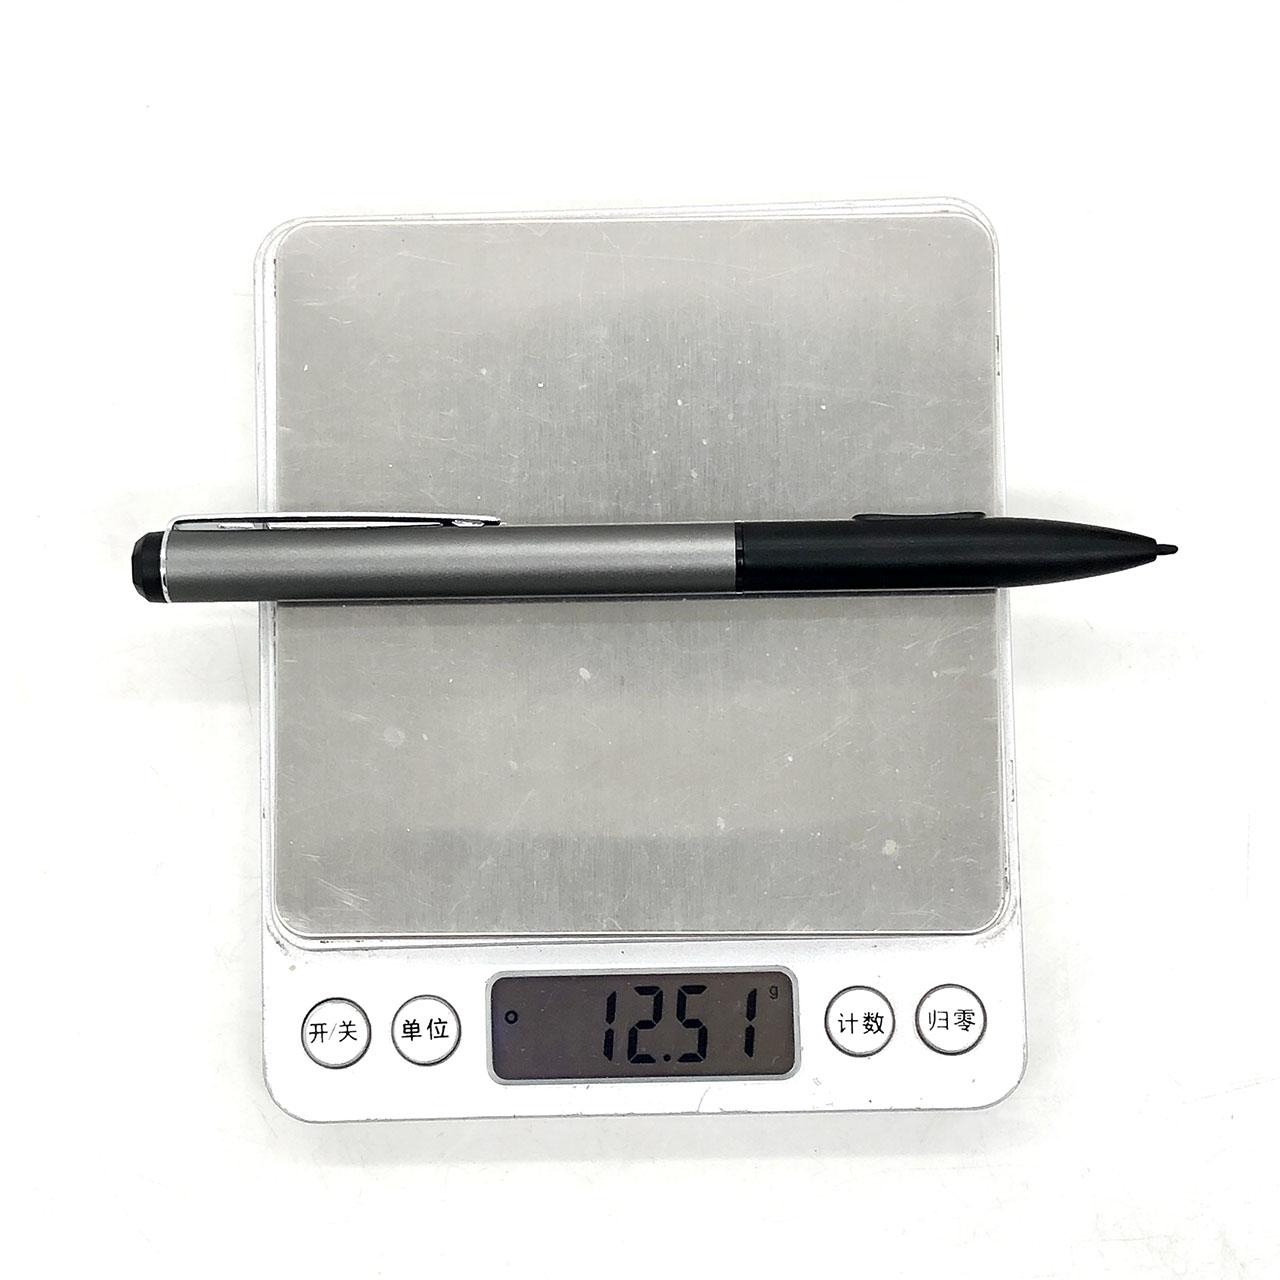 全新原道vidopen W10精锐版 主动式电容笔超细笔尖1.2mm原笔迹书写技术512级压感0.1mm高精度定位 手掌防误触